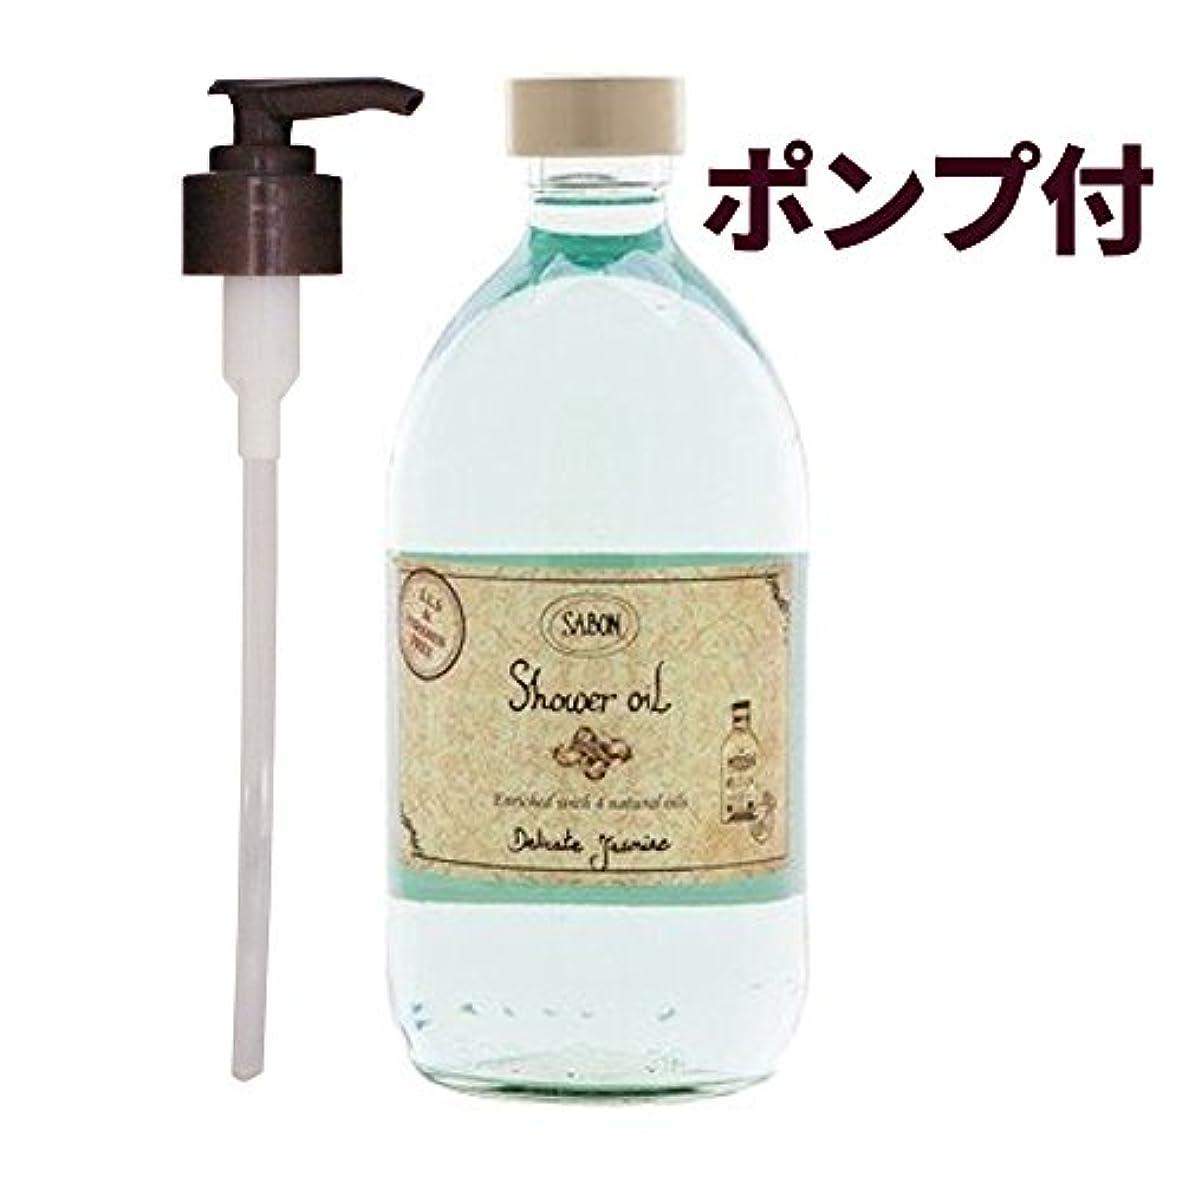 反発ジレンマ記念碑的なサボン シャワーオイル デリケートジャスミン500ml(並行輸入品)